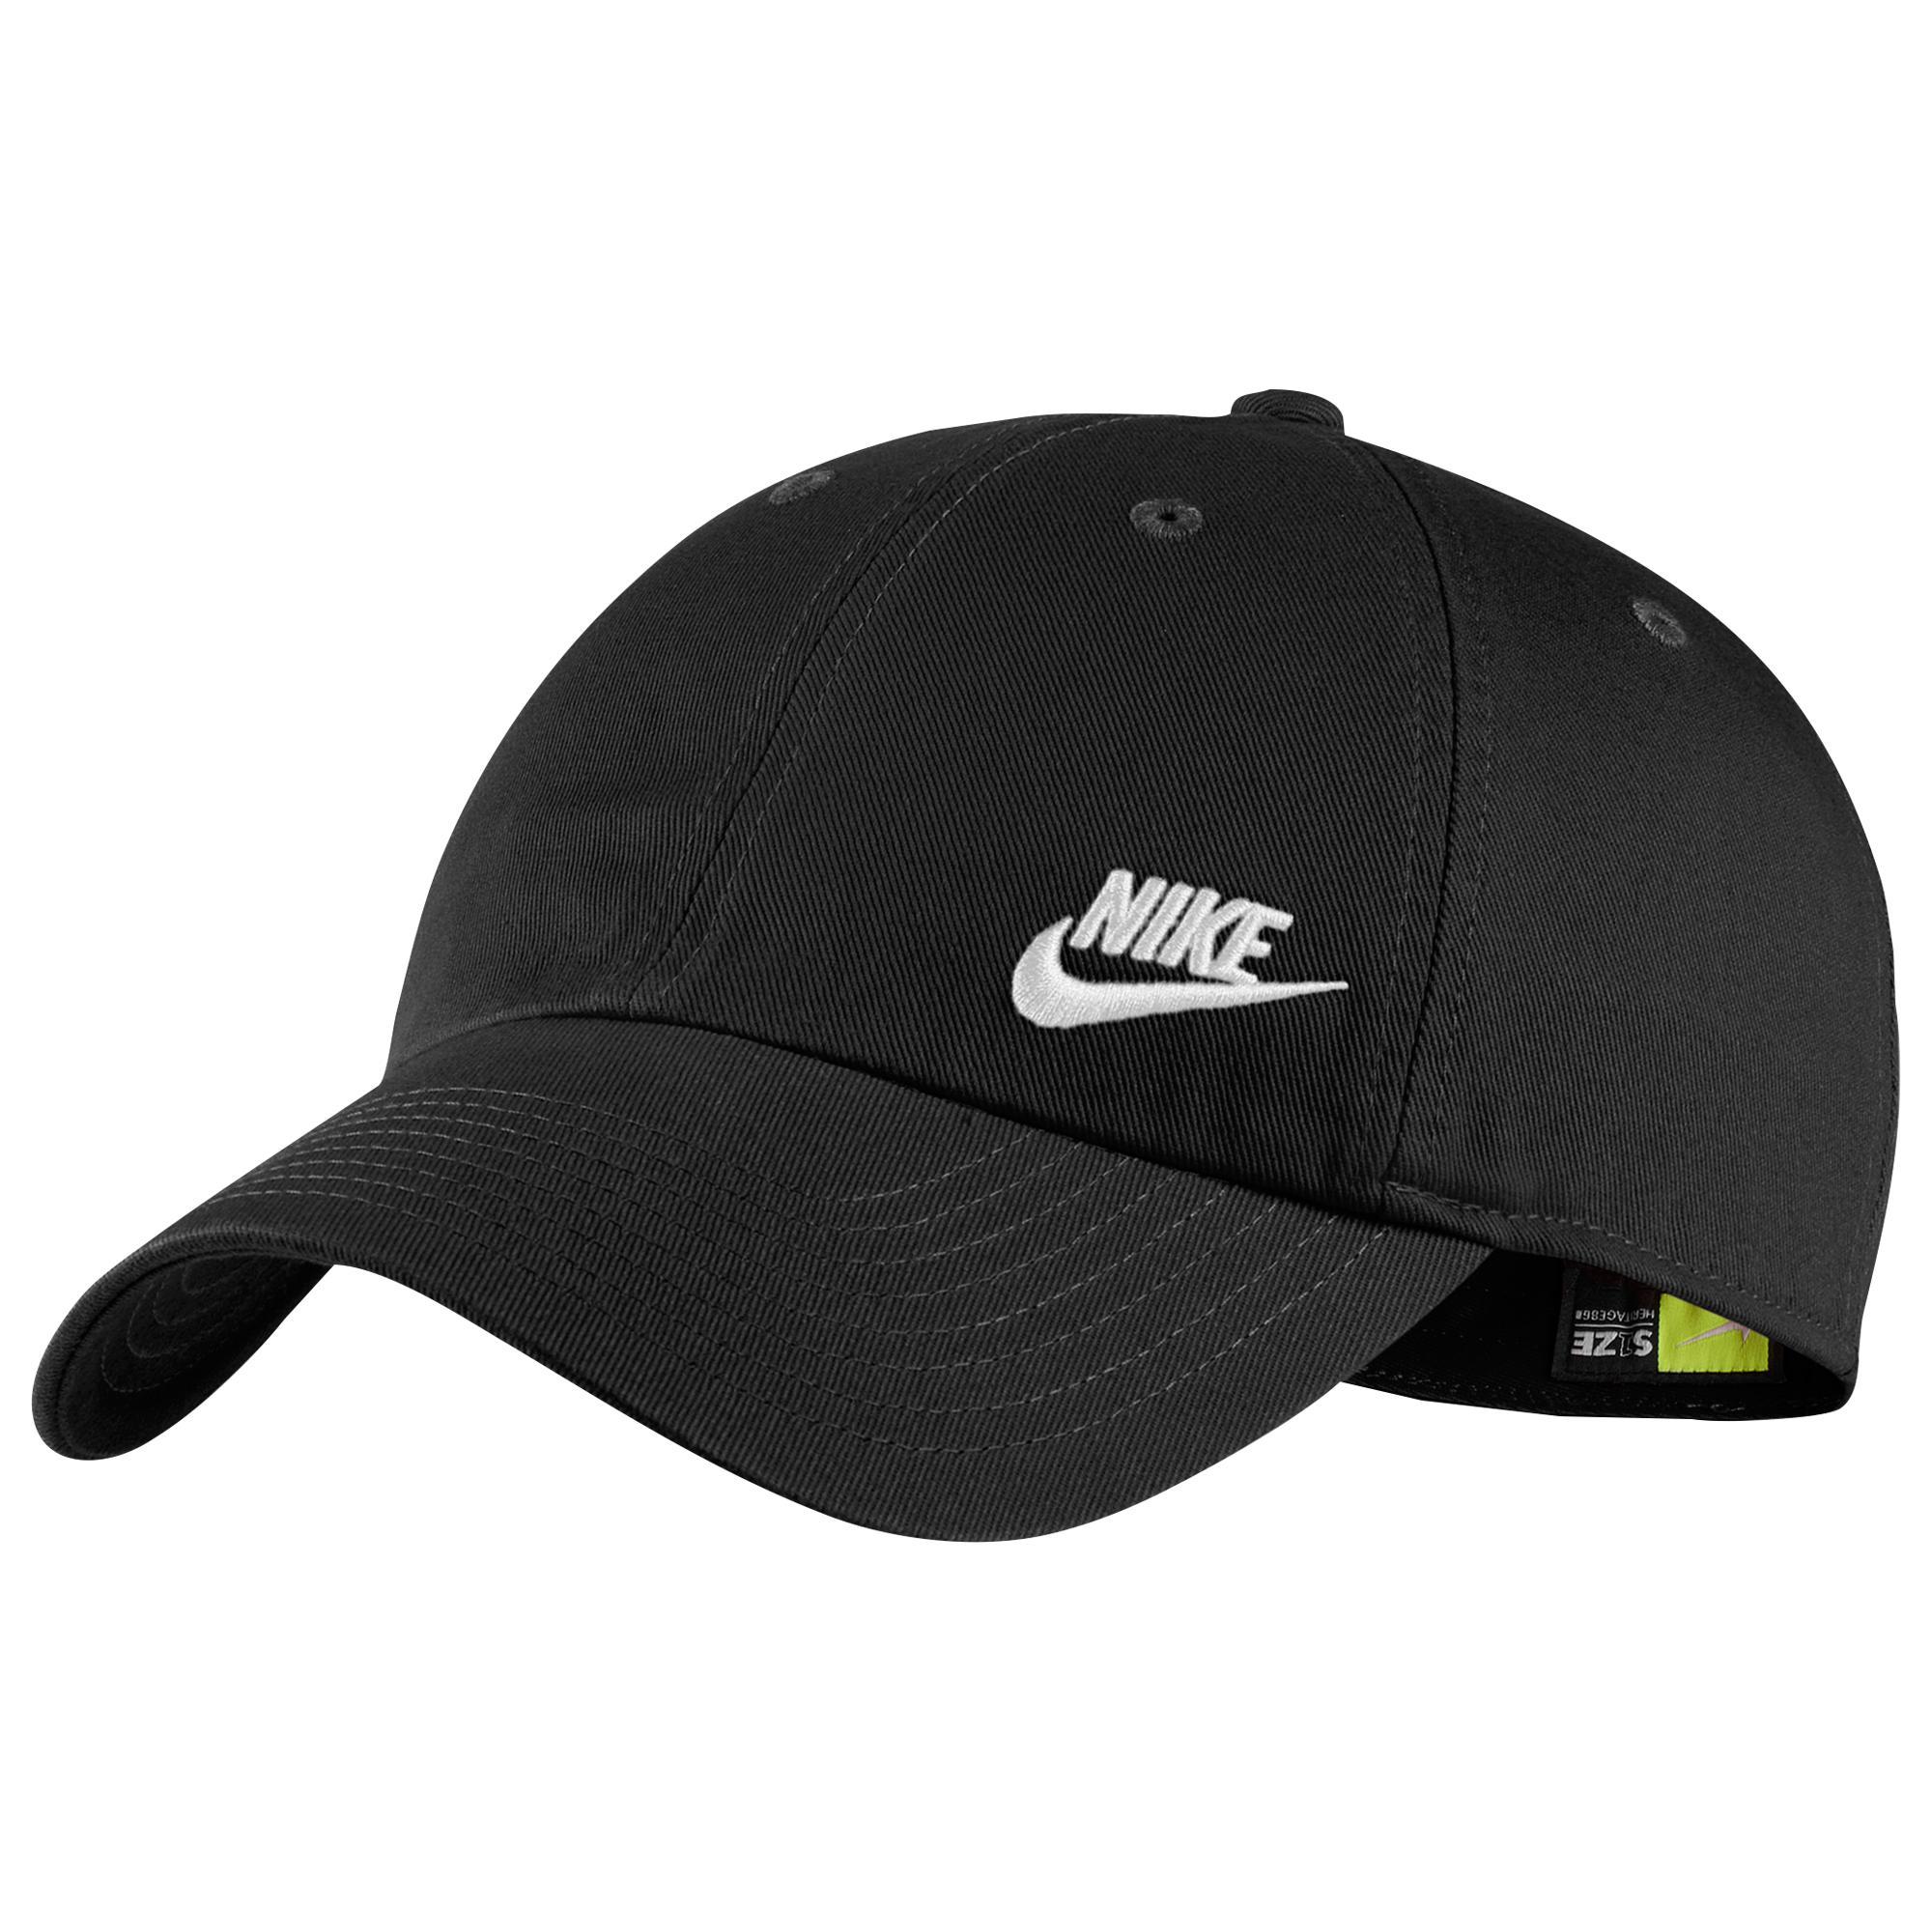 d667cb4ce70 Lyst - Nike H86 Futura Classic Cap in Black